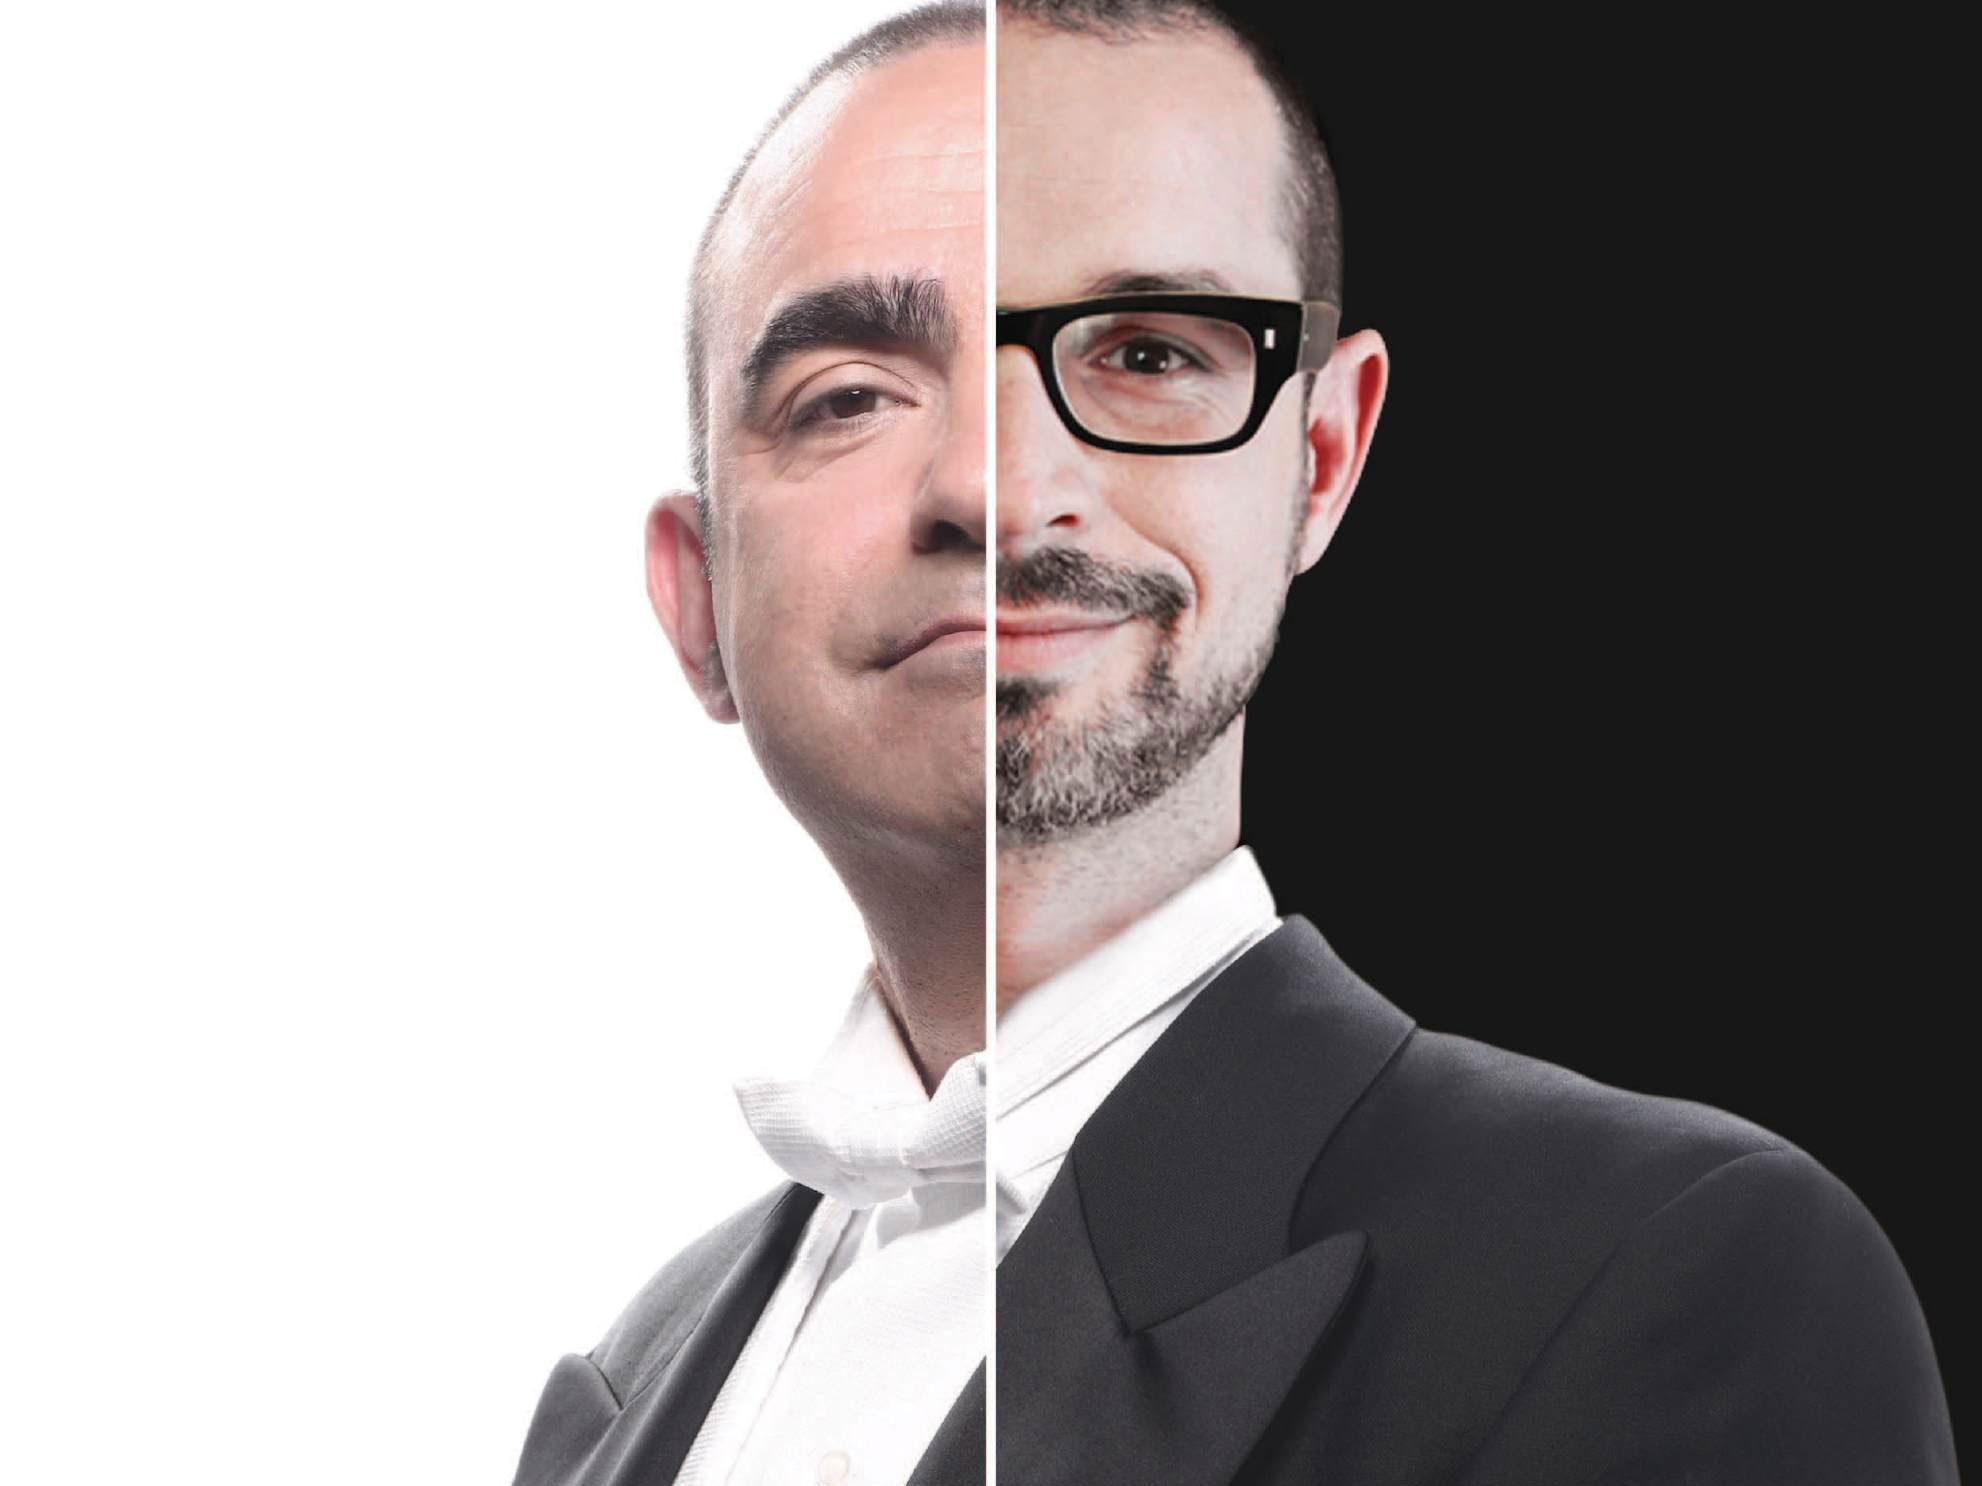 Cantiere-Opera-Elio-e-Francesco-Micheli